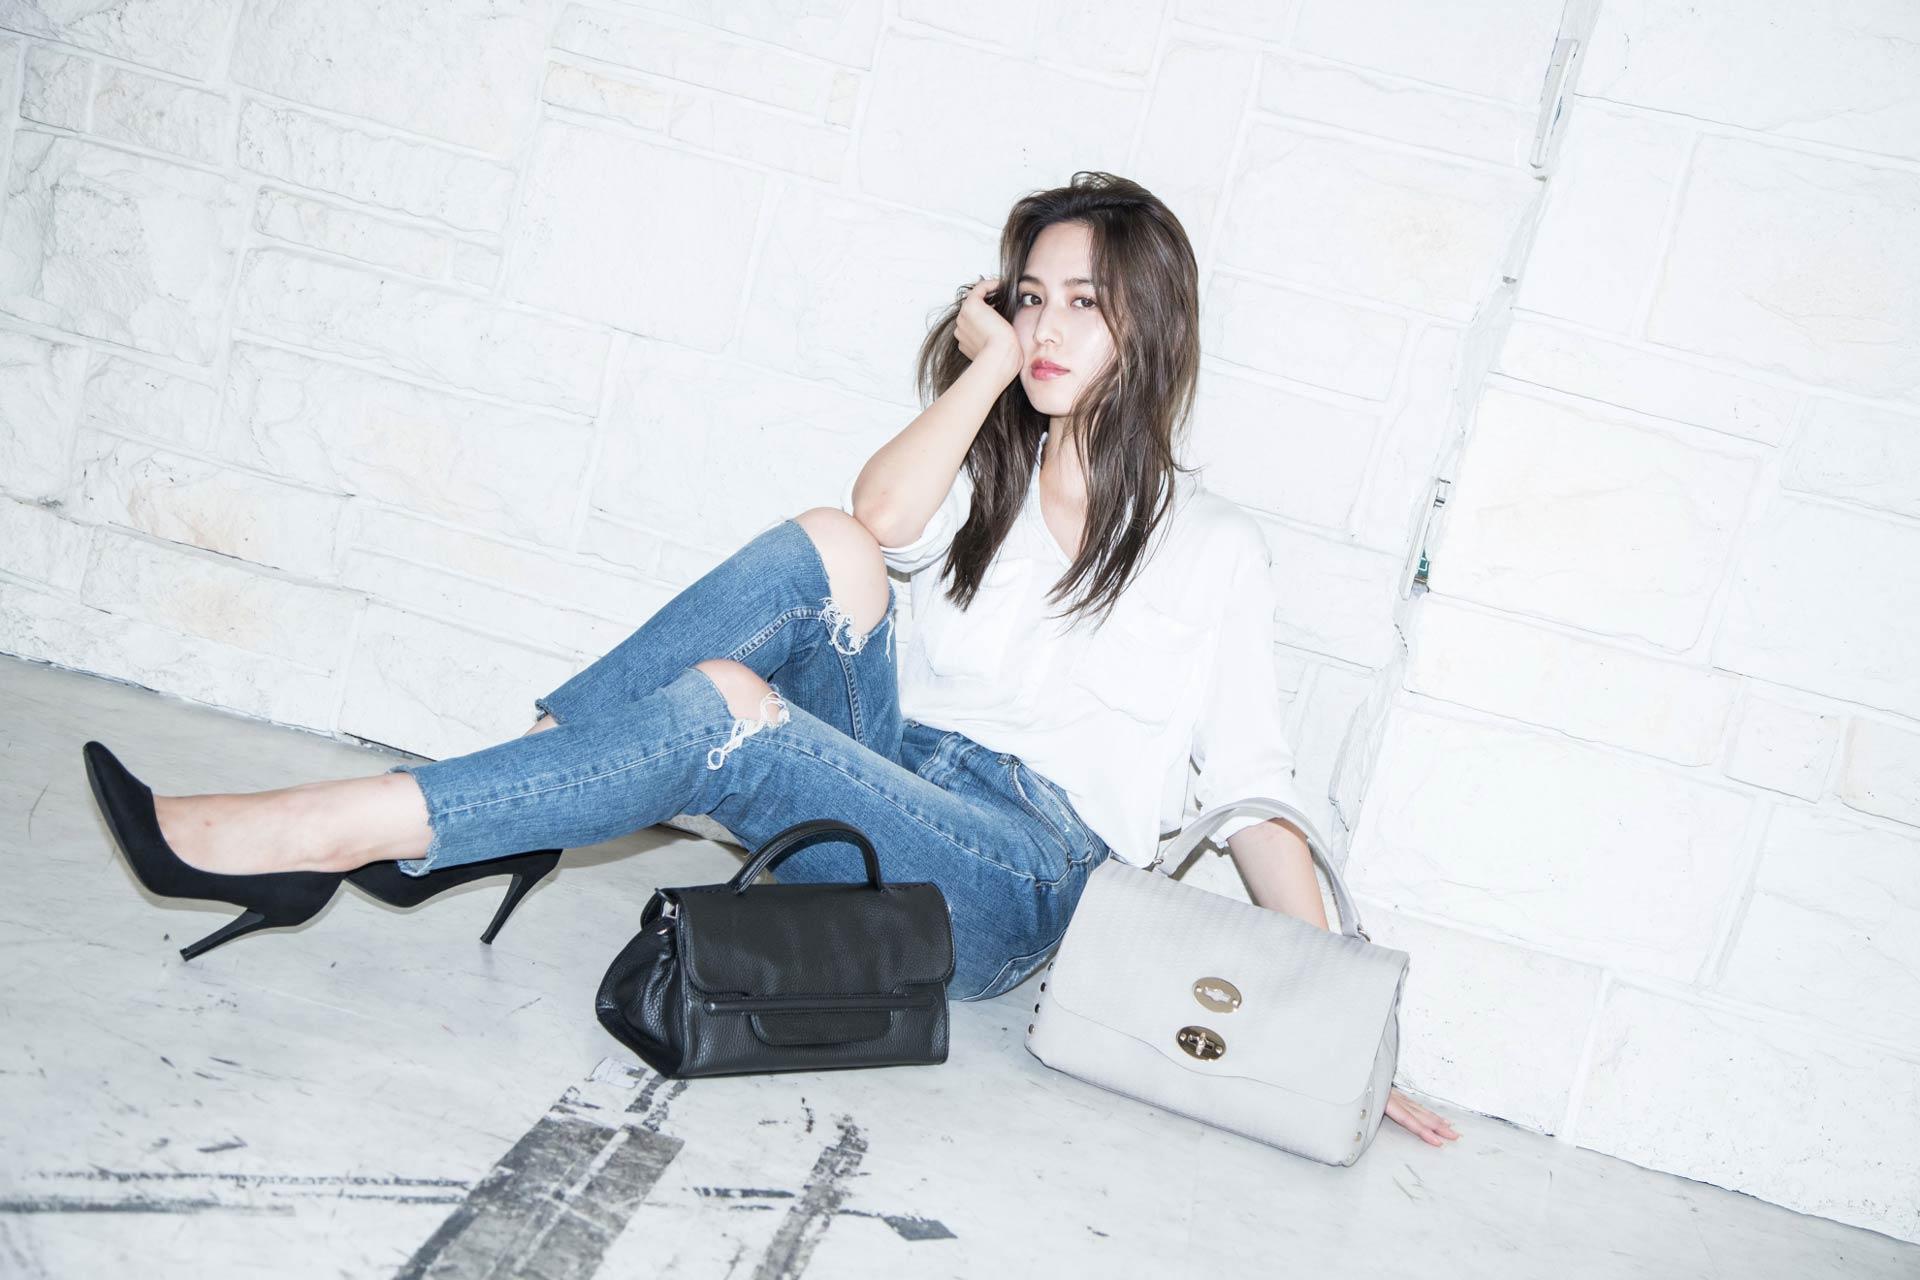 LP(ランディングページ)用、バッグ&小物ファッション モデル レディース撮影の写真です。(1p-187)